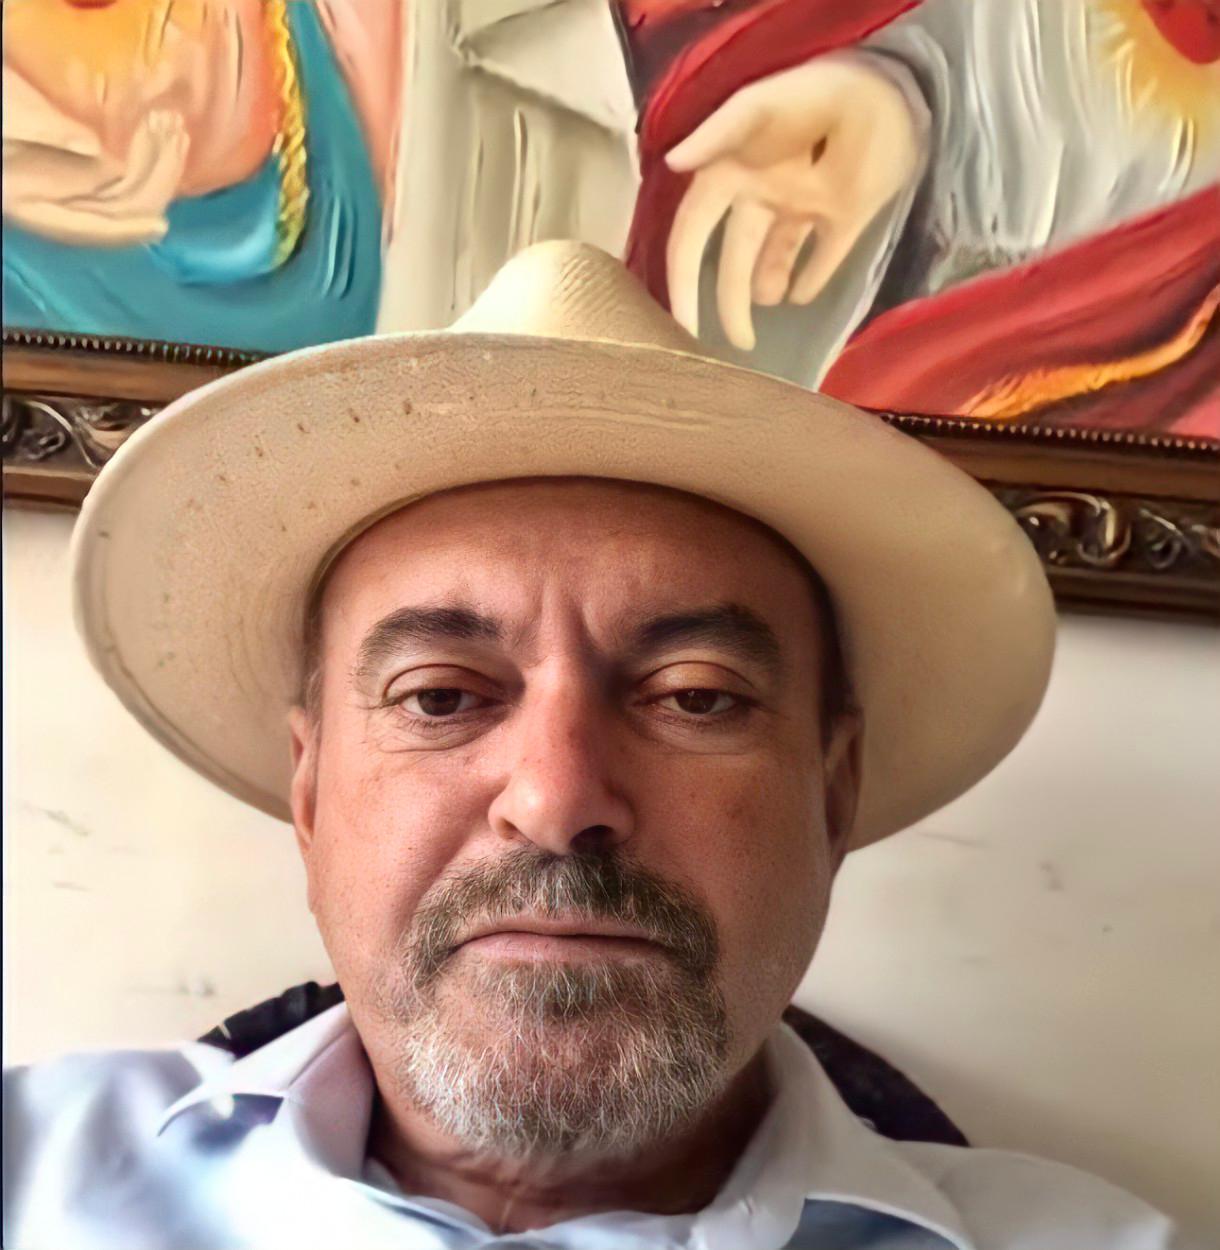 Deputado Jeova Campos lamentou vetos do governo em materias importantes - Jeová lamenta vetos do governo em matérias importantes e que seriam de interesse da população paraibana